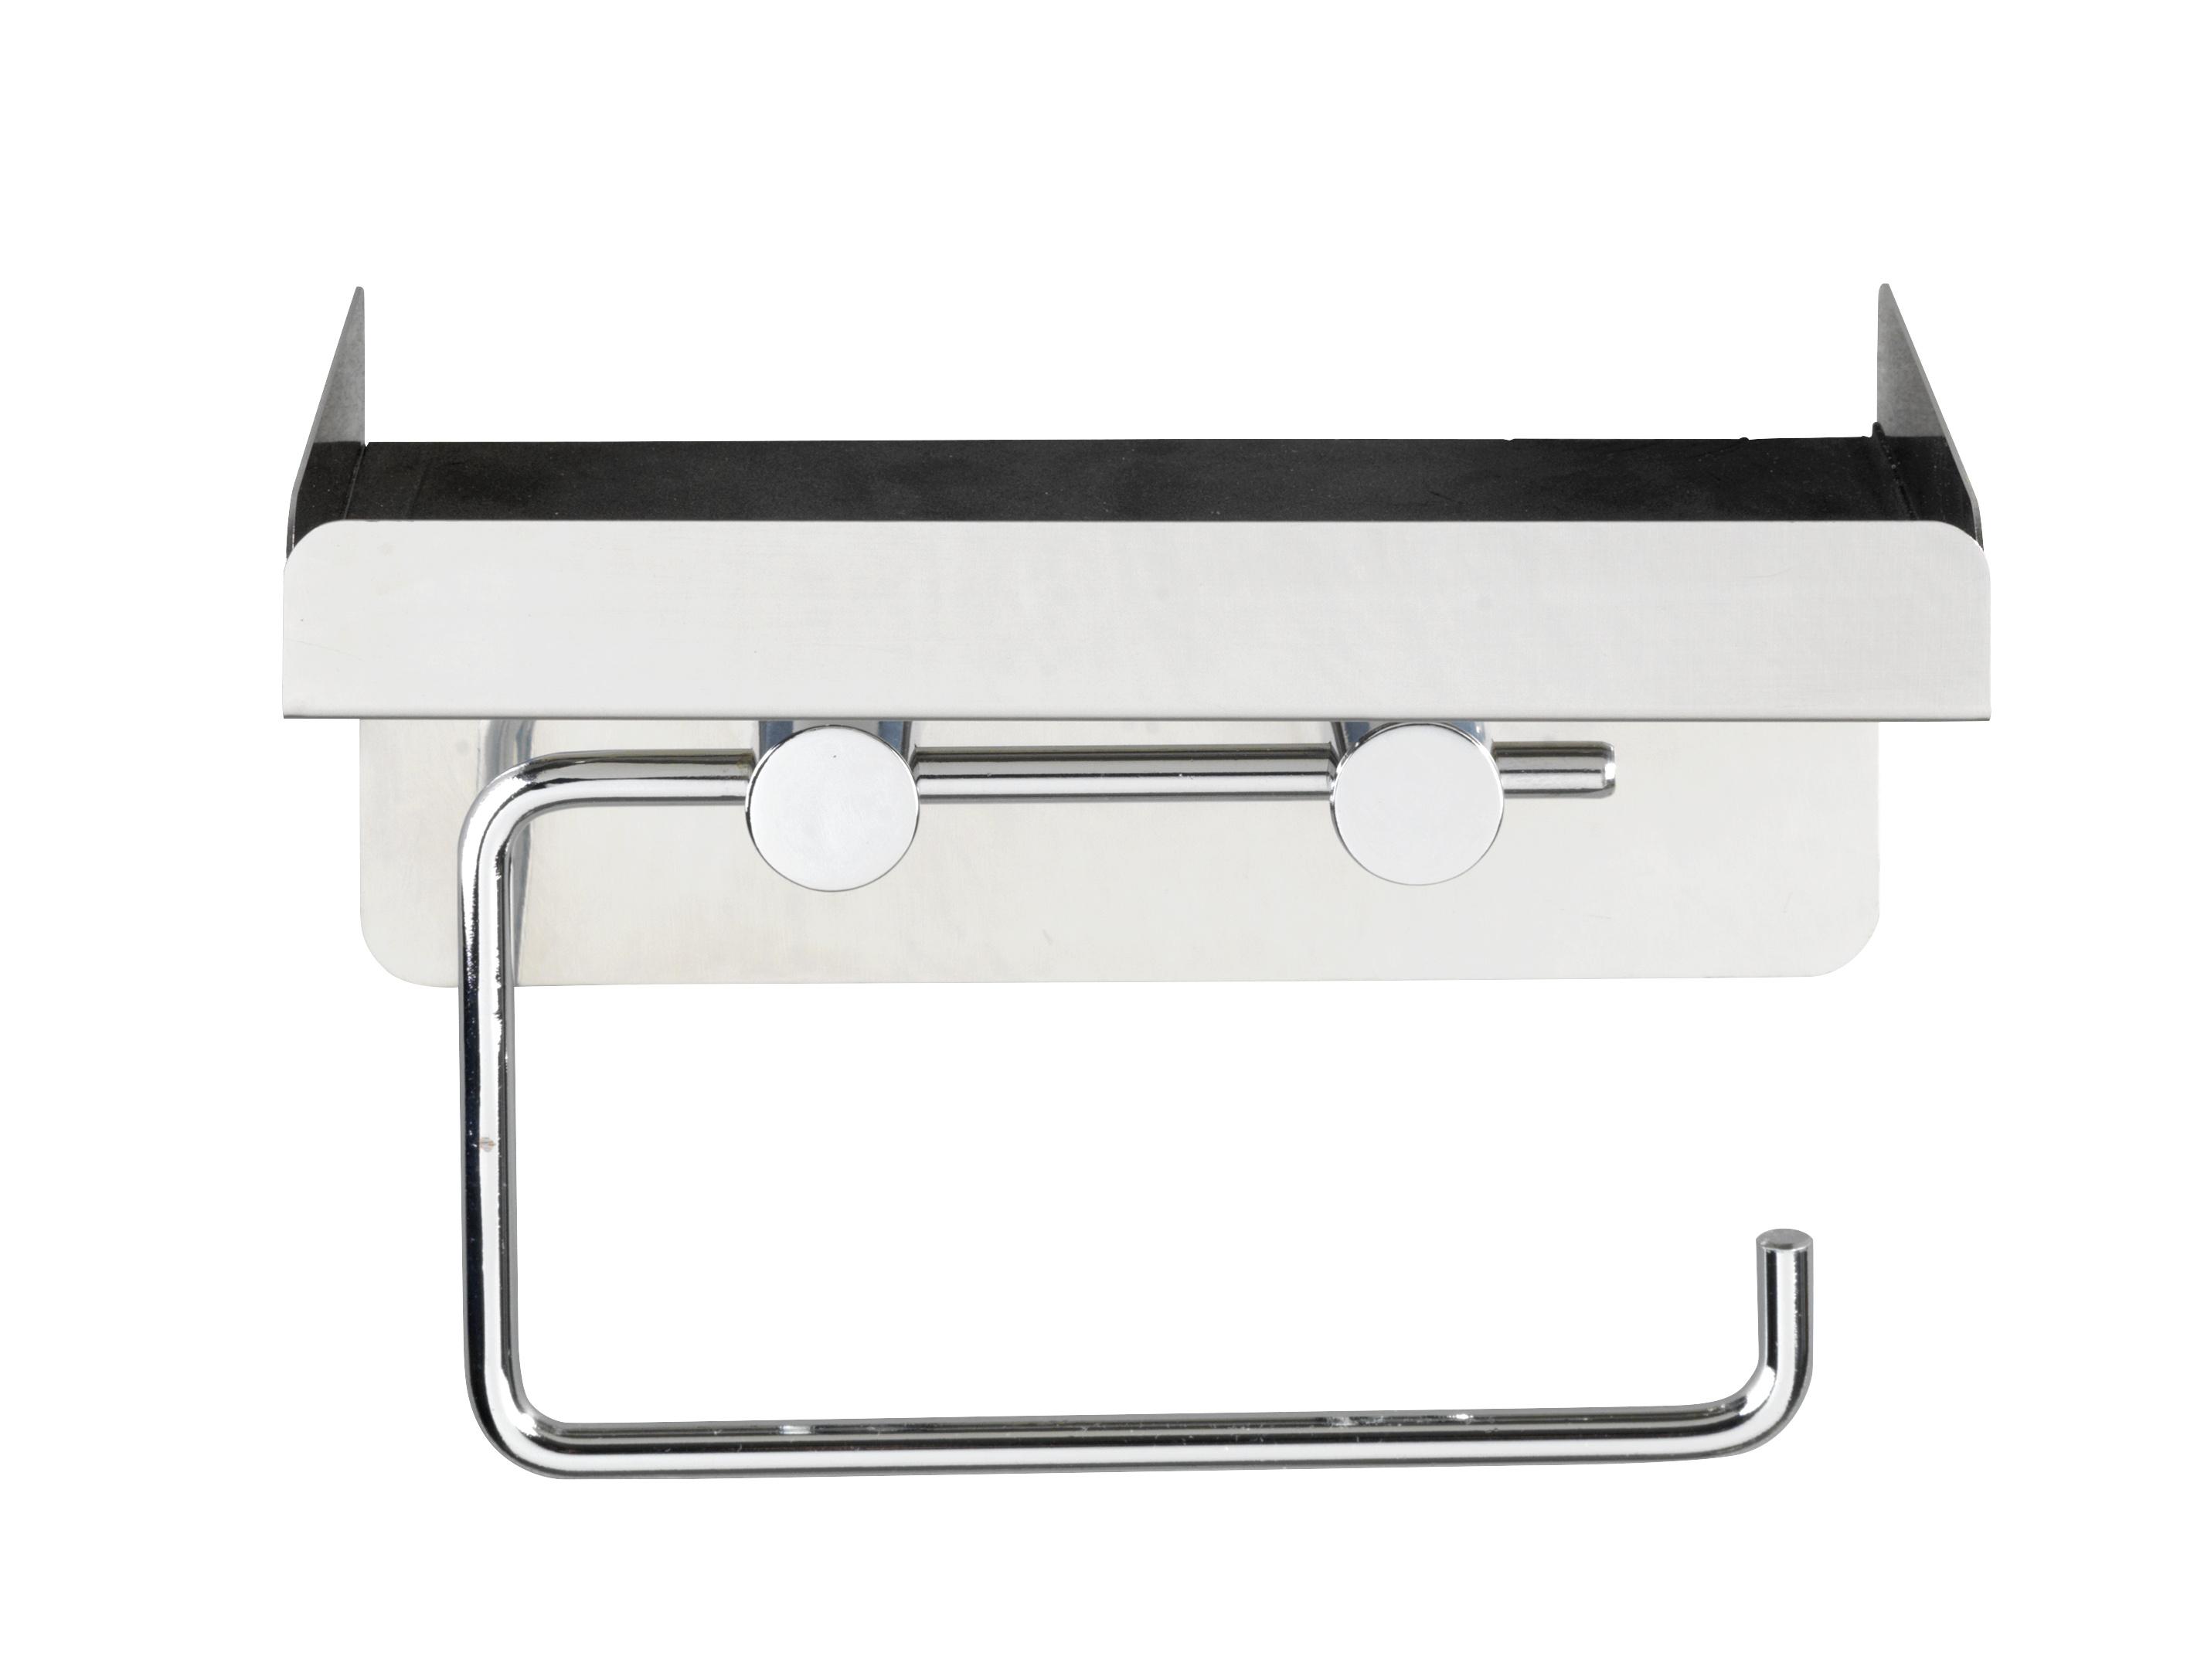 wenko toilettenpapierhalter 2 in 1 edelstahl rostfrei ebay. Black Bedroom Furniture Sets. Home Design Ideas